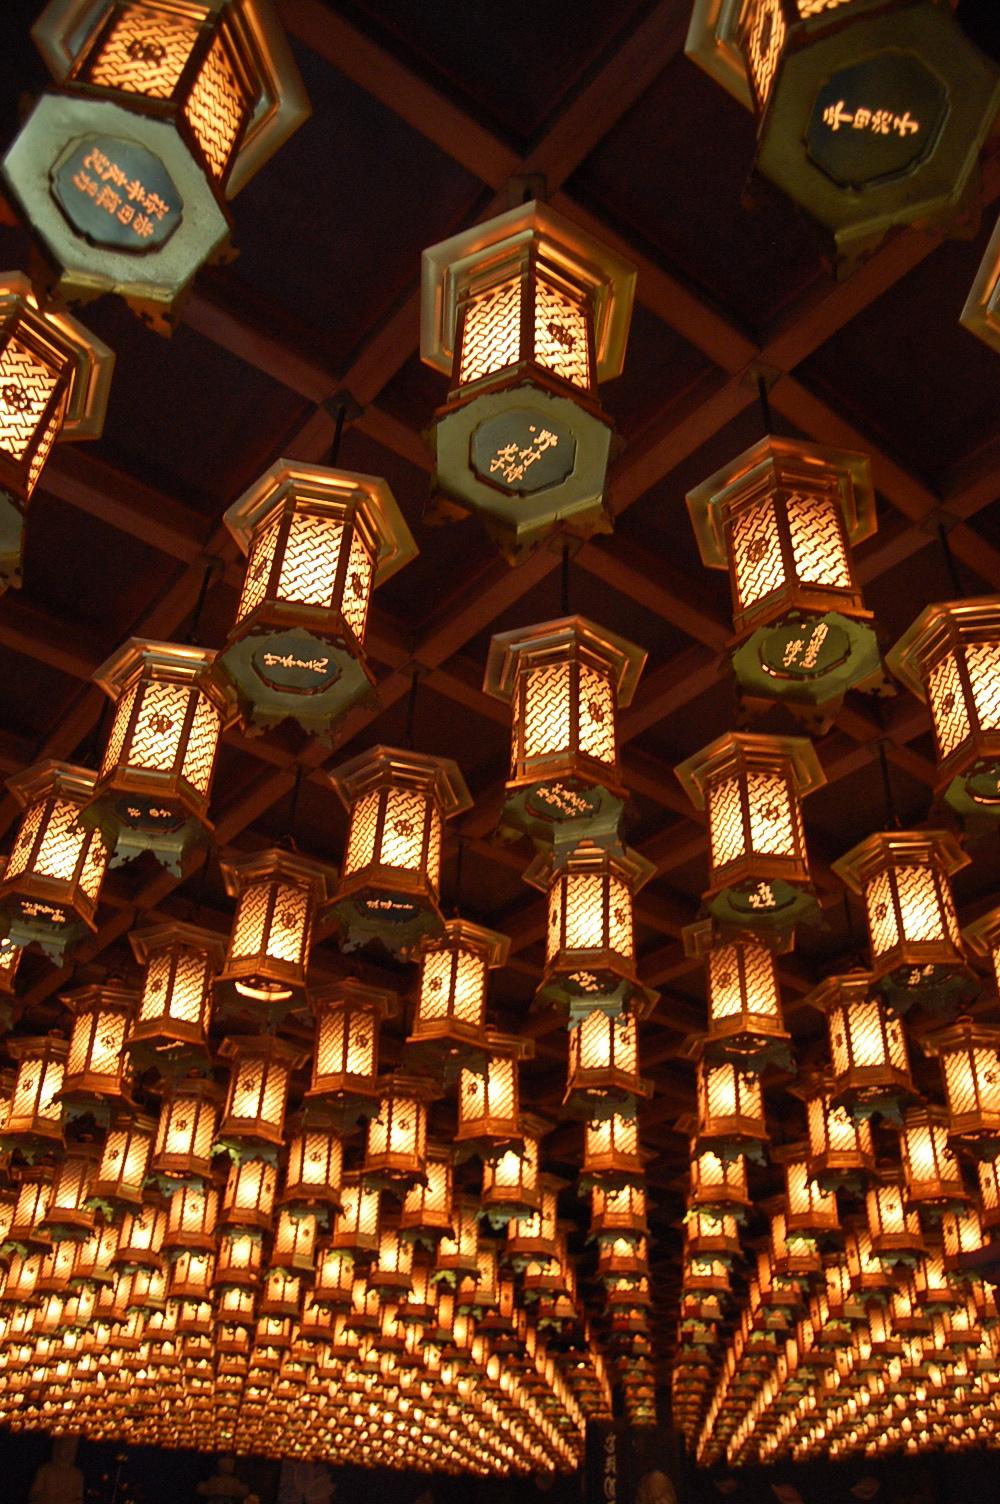 Daishoin lanterns, Miyajima, November 2011.